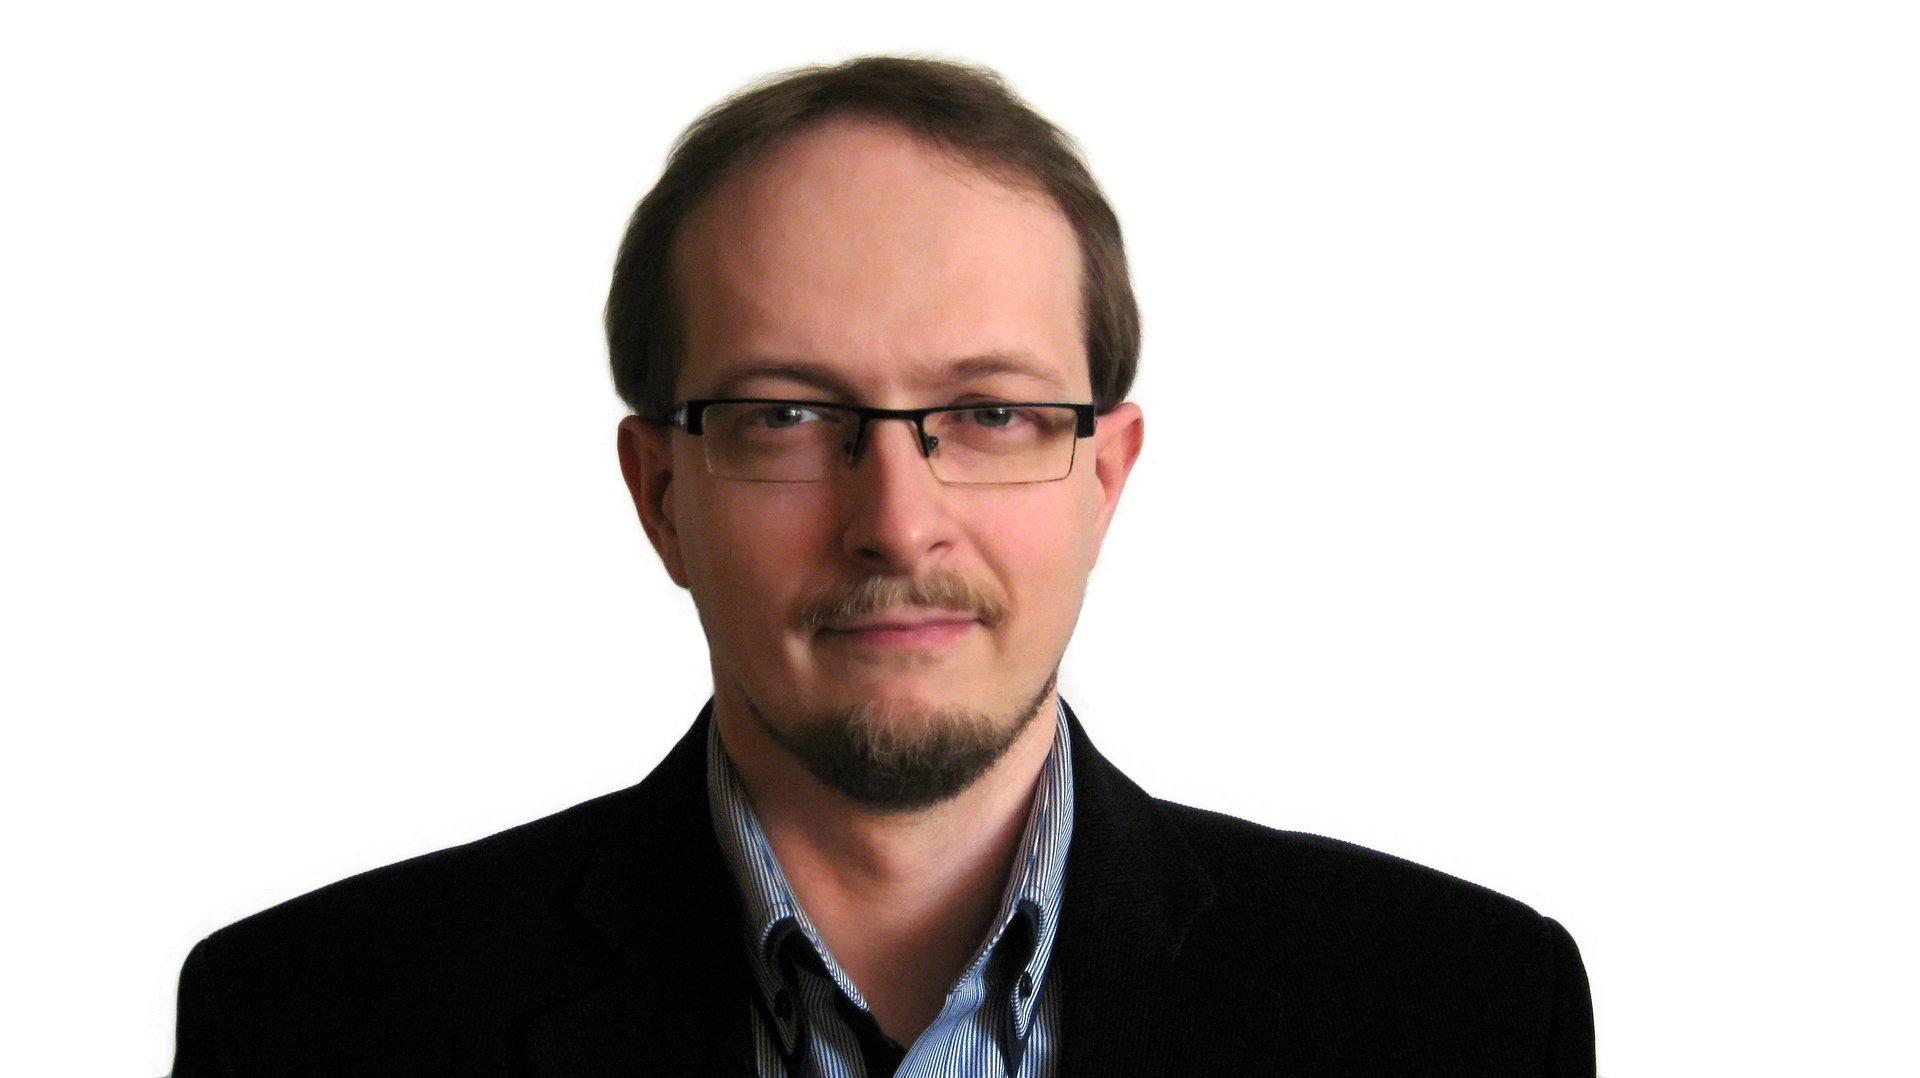 Politologia, bezpieczeństwo państwa, USA: dr Łukasz Gajewski